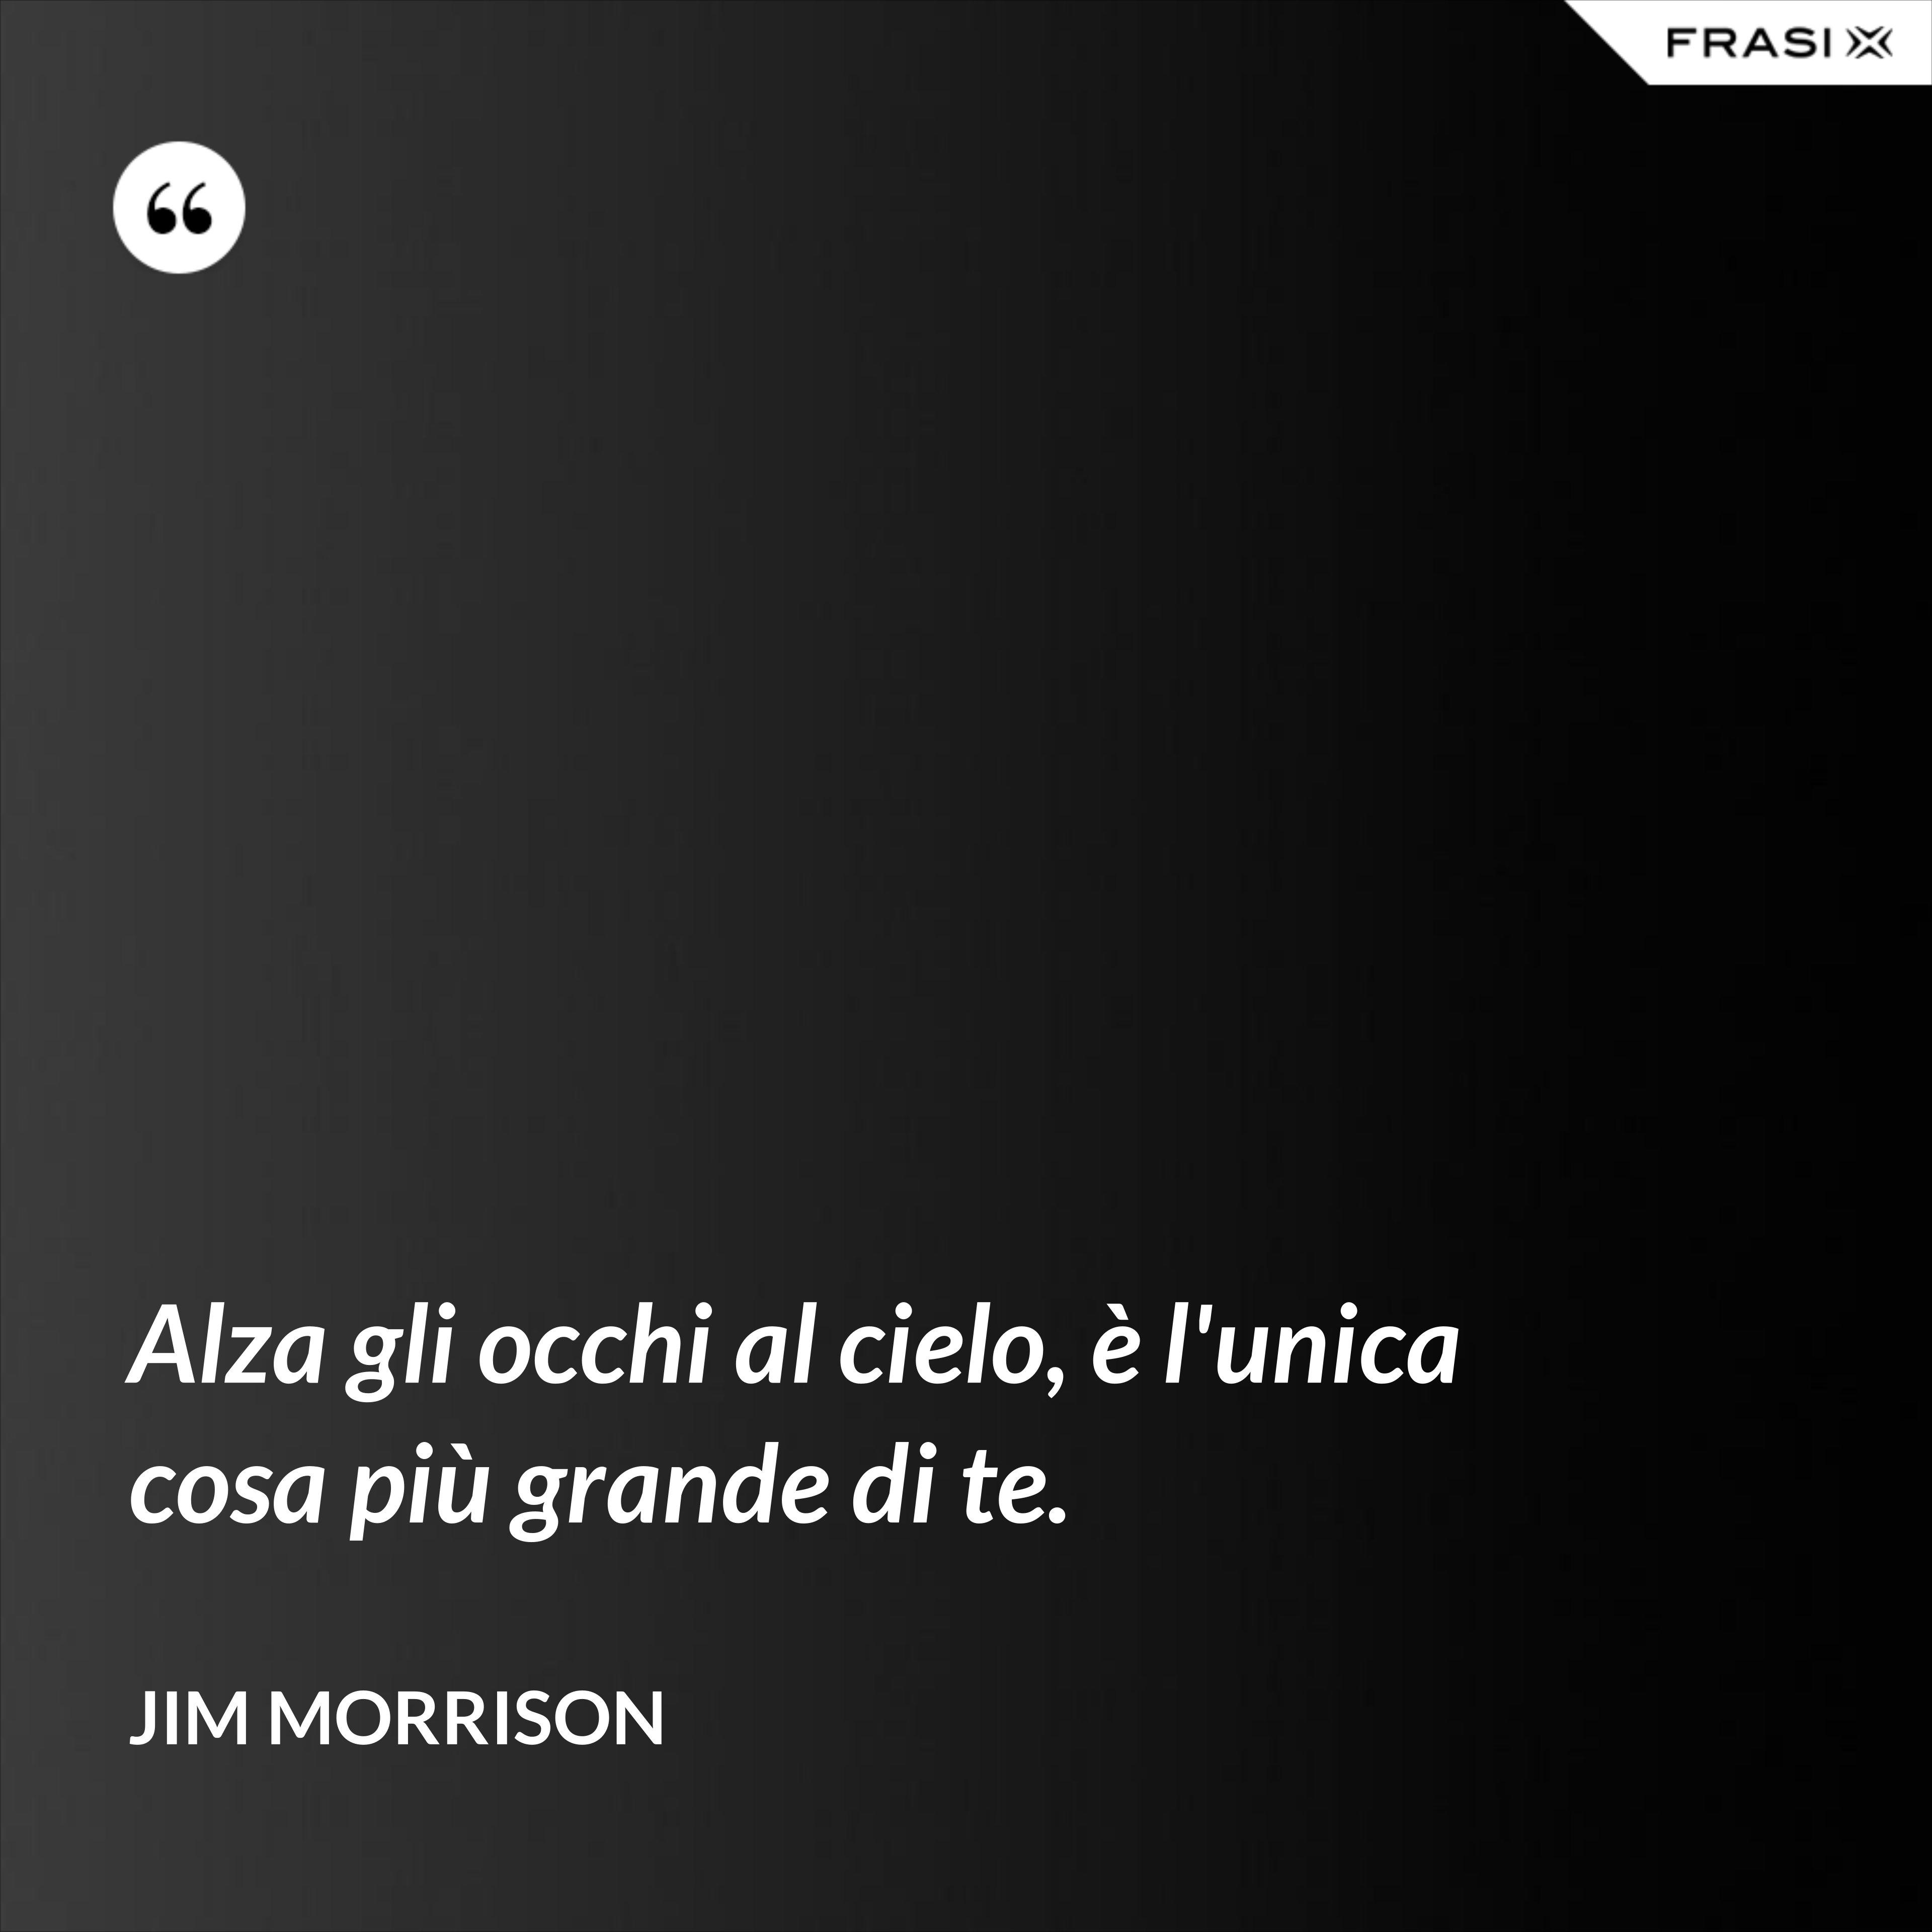 Alza gli occhi al cielo, è l'unica cosa più grande di te. - Jim Morrison